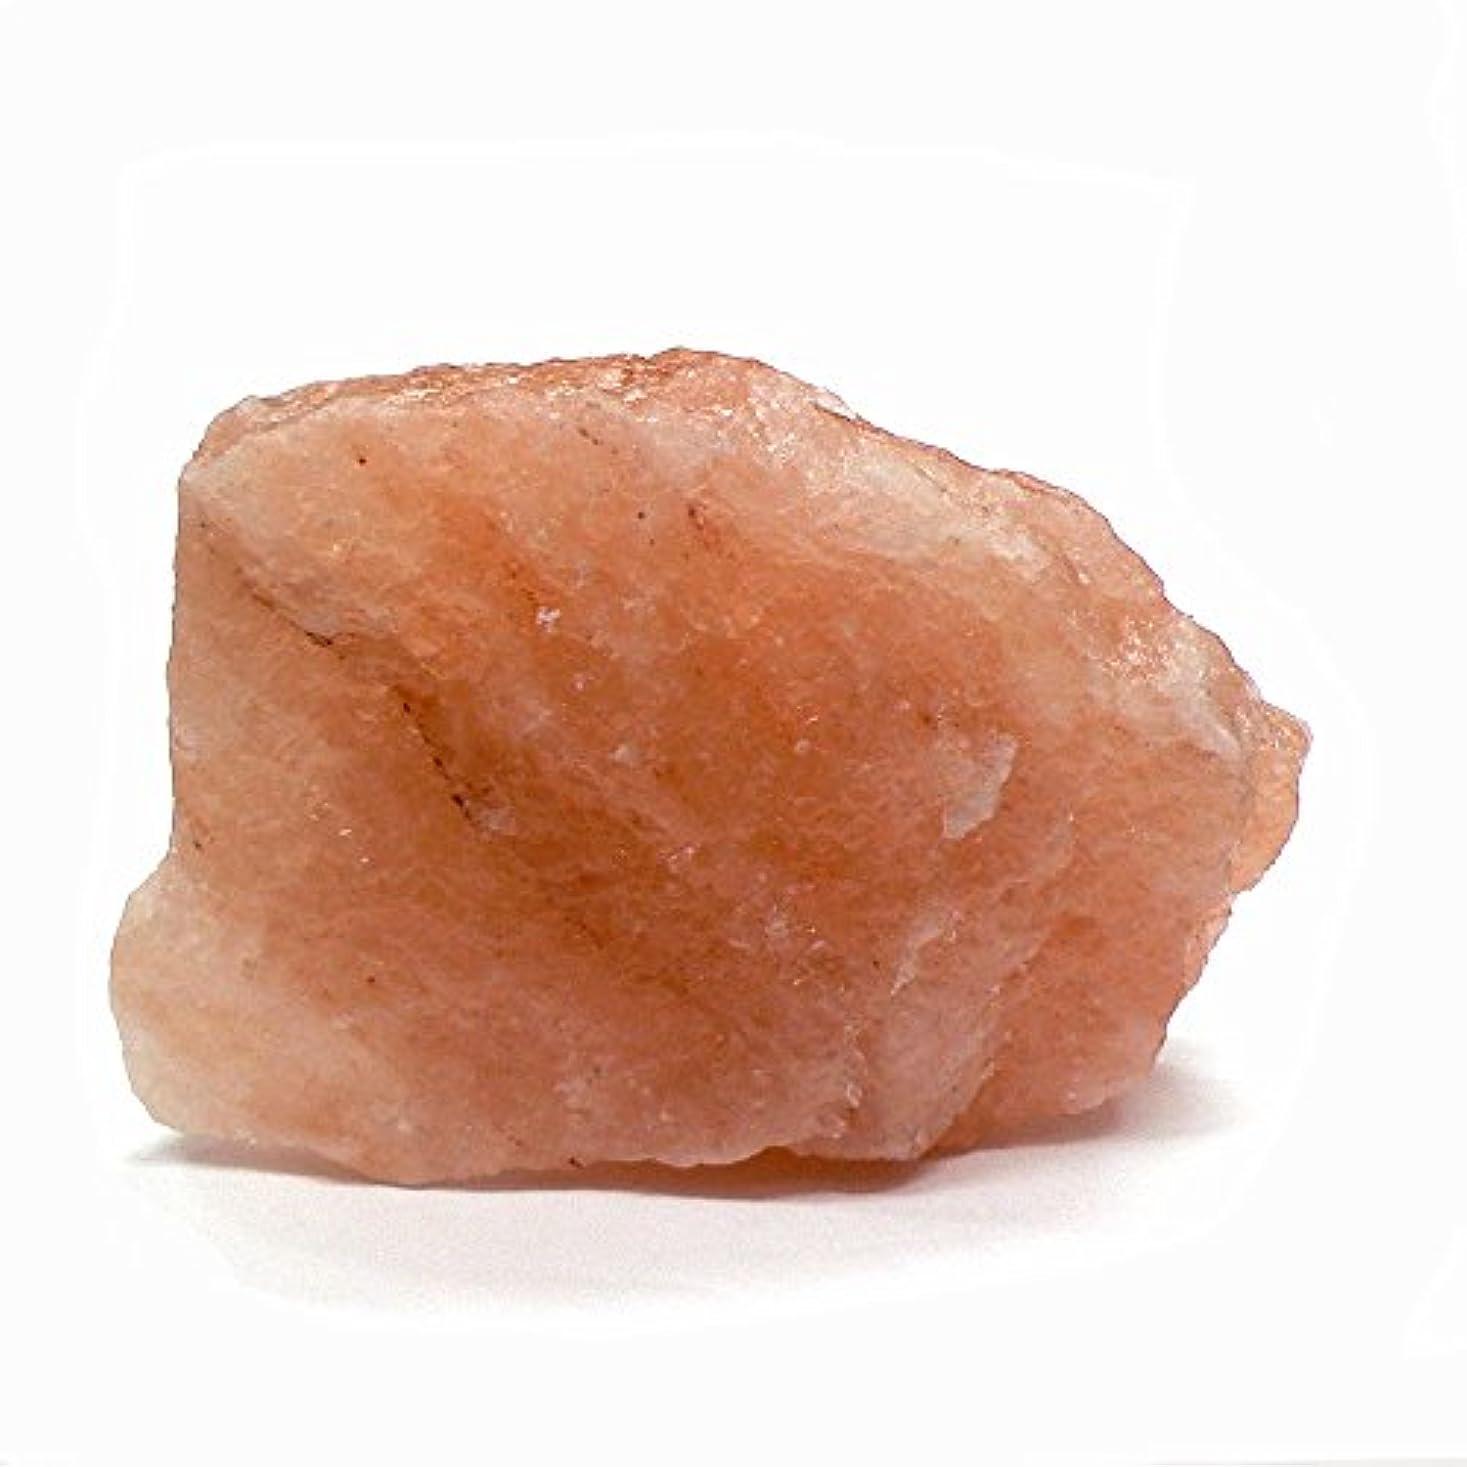 ハリウッドうがい与えるヒマラヤ岩塩 ピンク岩塩 ピンクソルト 塊り(洗浄済)55 岩塩塊